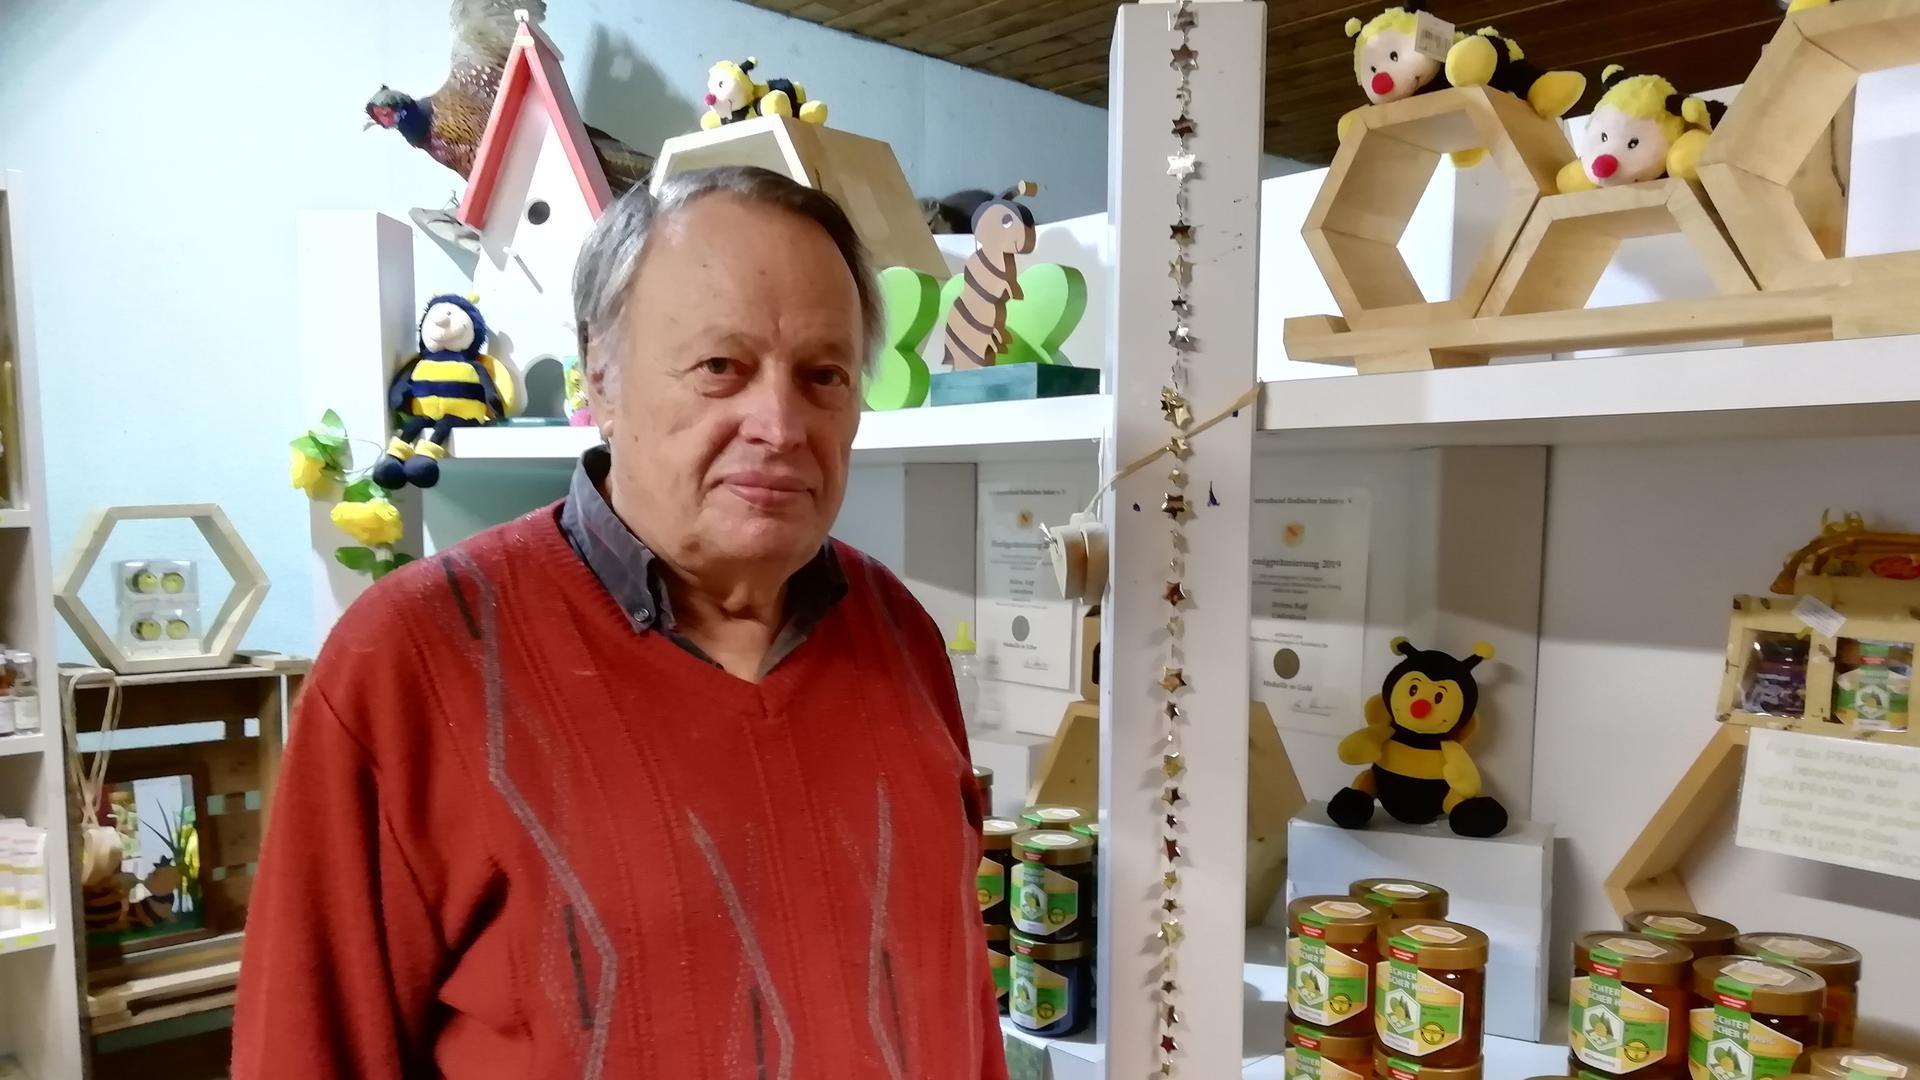 Imker Holger Raff aus Linkenheim-Hochstetten im Hofladen.